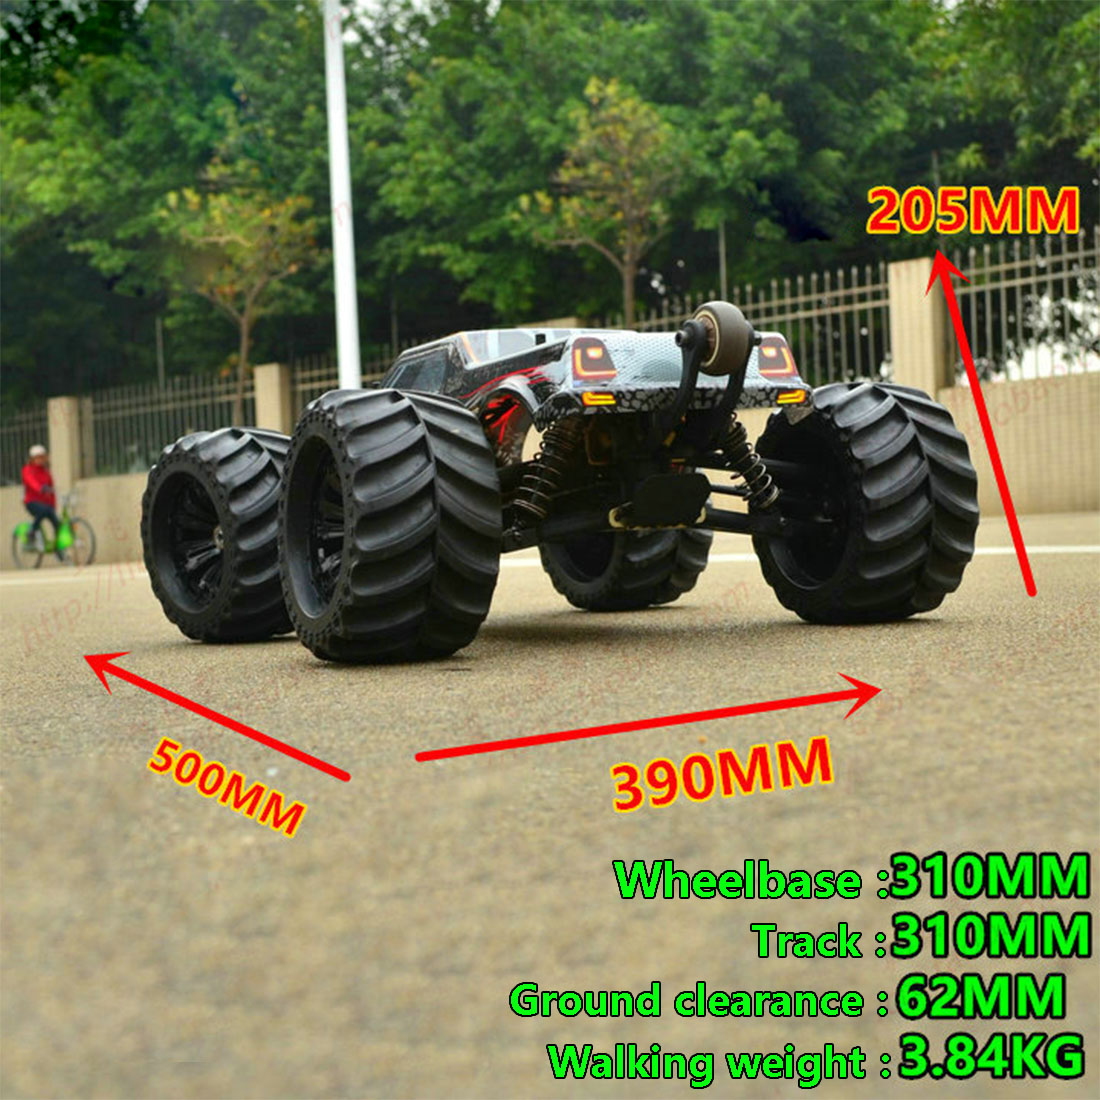 Jlb Racing 1:10 4WD Rc Borstelloze Monster Truck Off Road Voertuig Waterdichte Rc Auto Met Wheelie Functie Speelgoed Voor kid Rtr Versie - 6